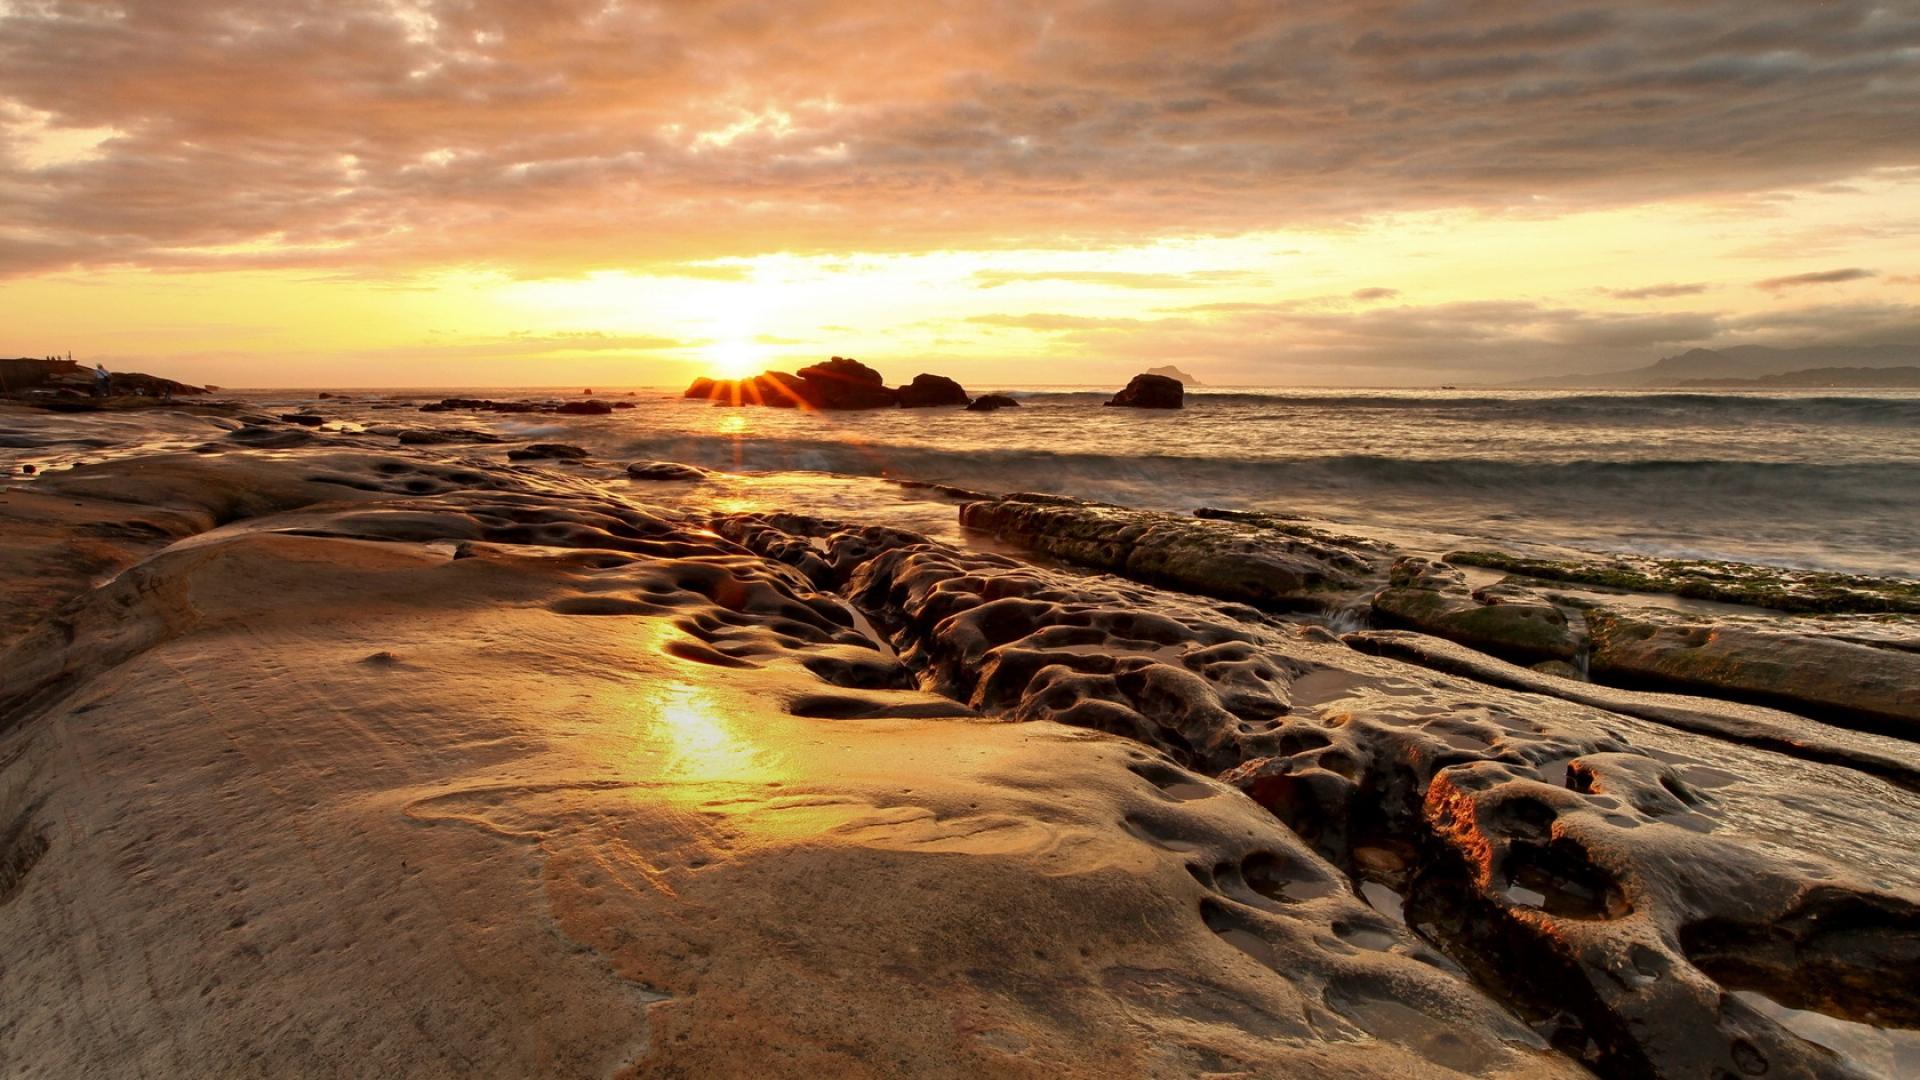 Download Wallpaper 1920x1080 coast stony decline sea sun Full 1920x1080